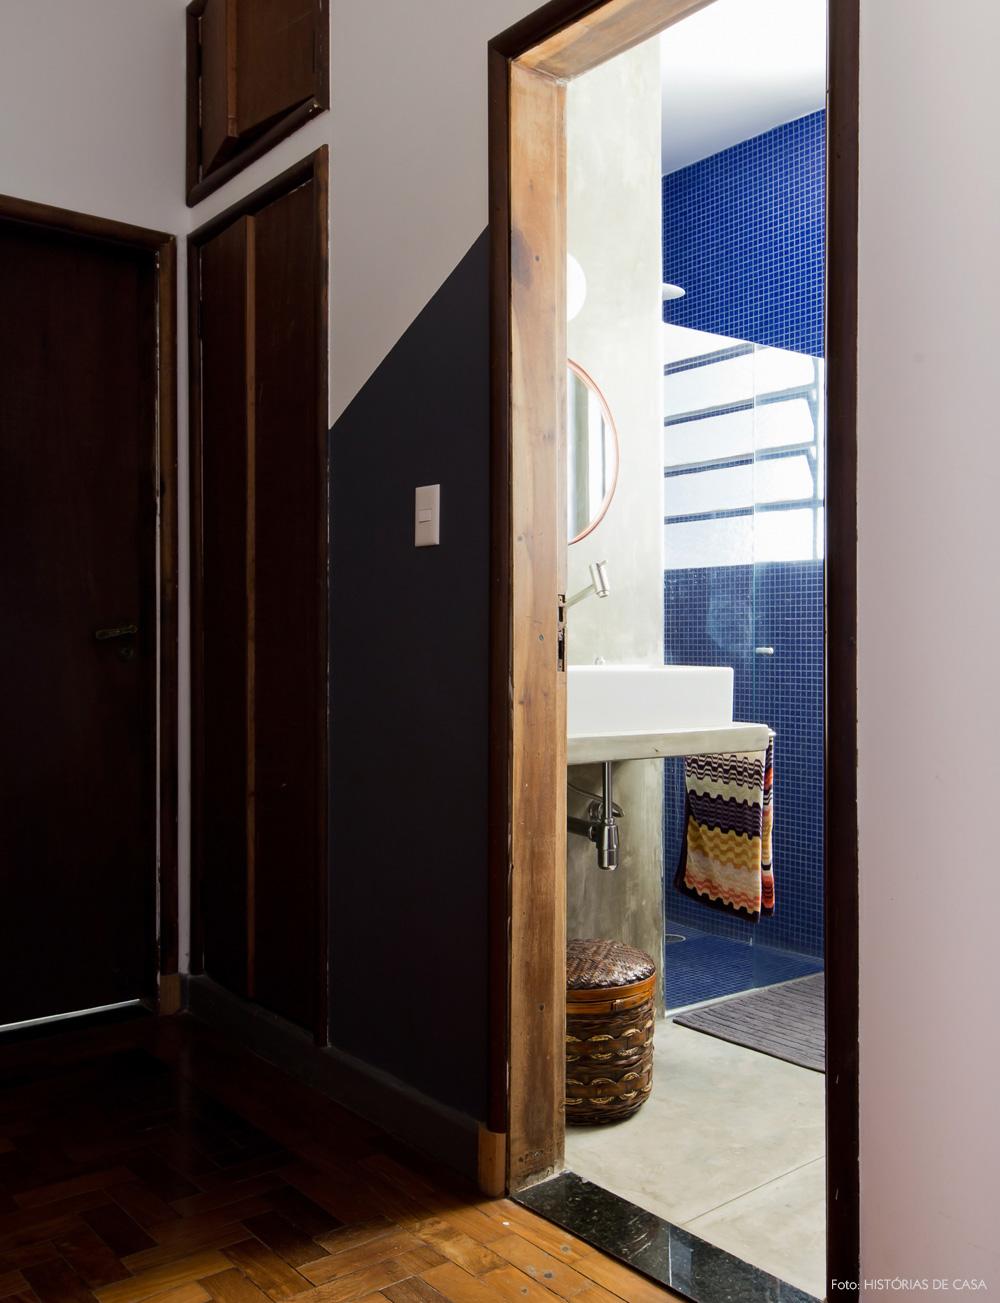 29-decoracao-banheiro-cimento-queimado-pastilha-azul